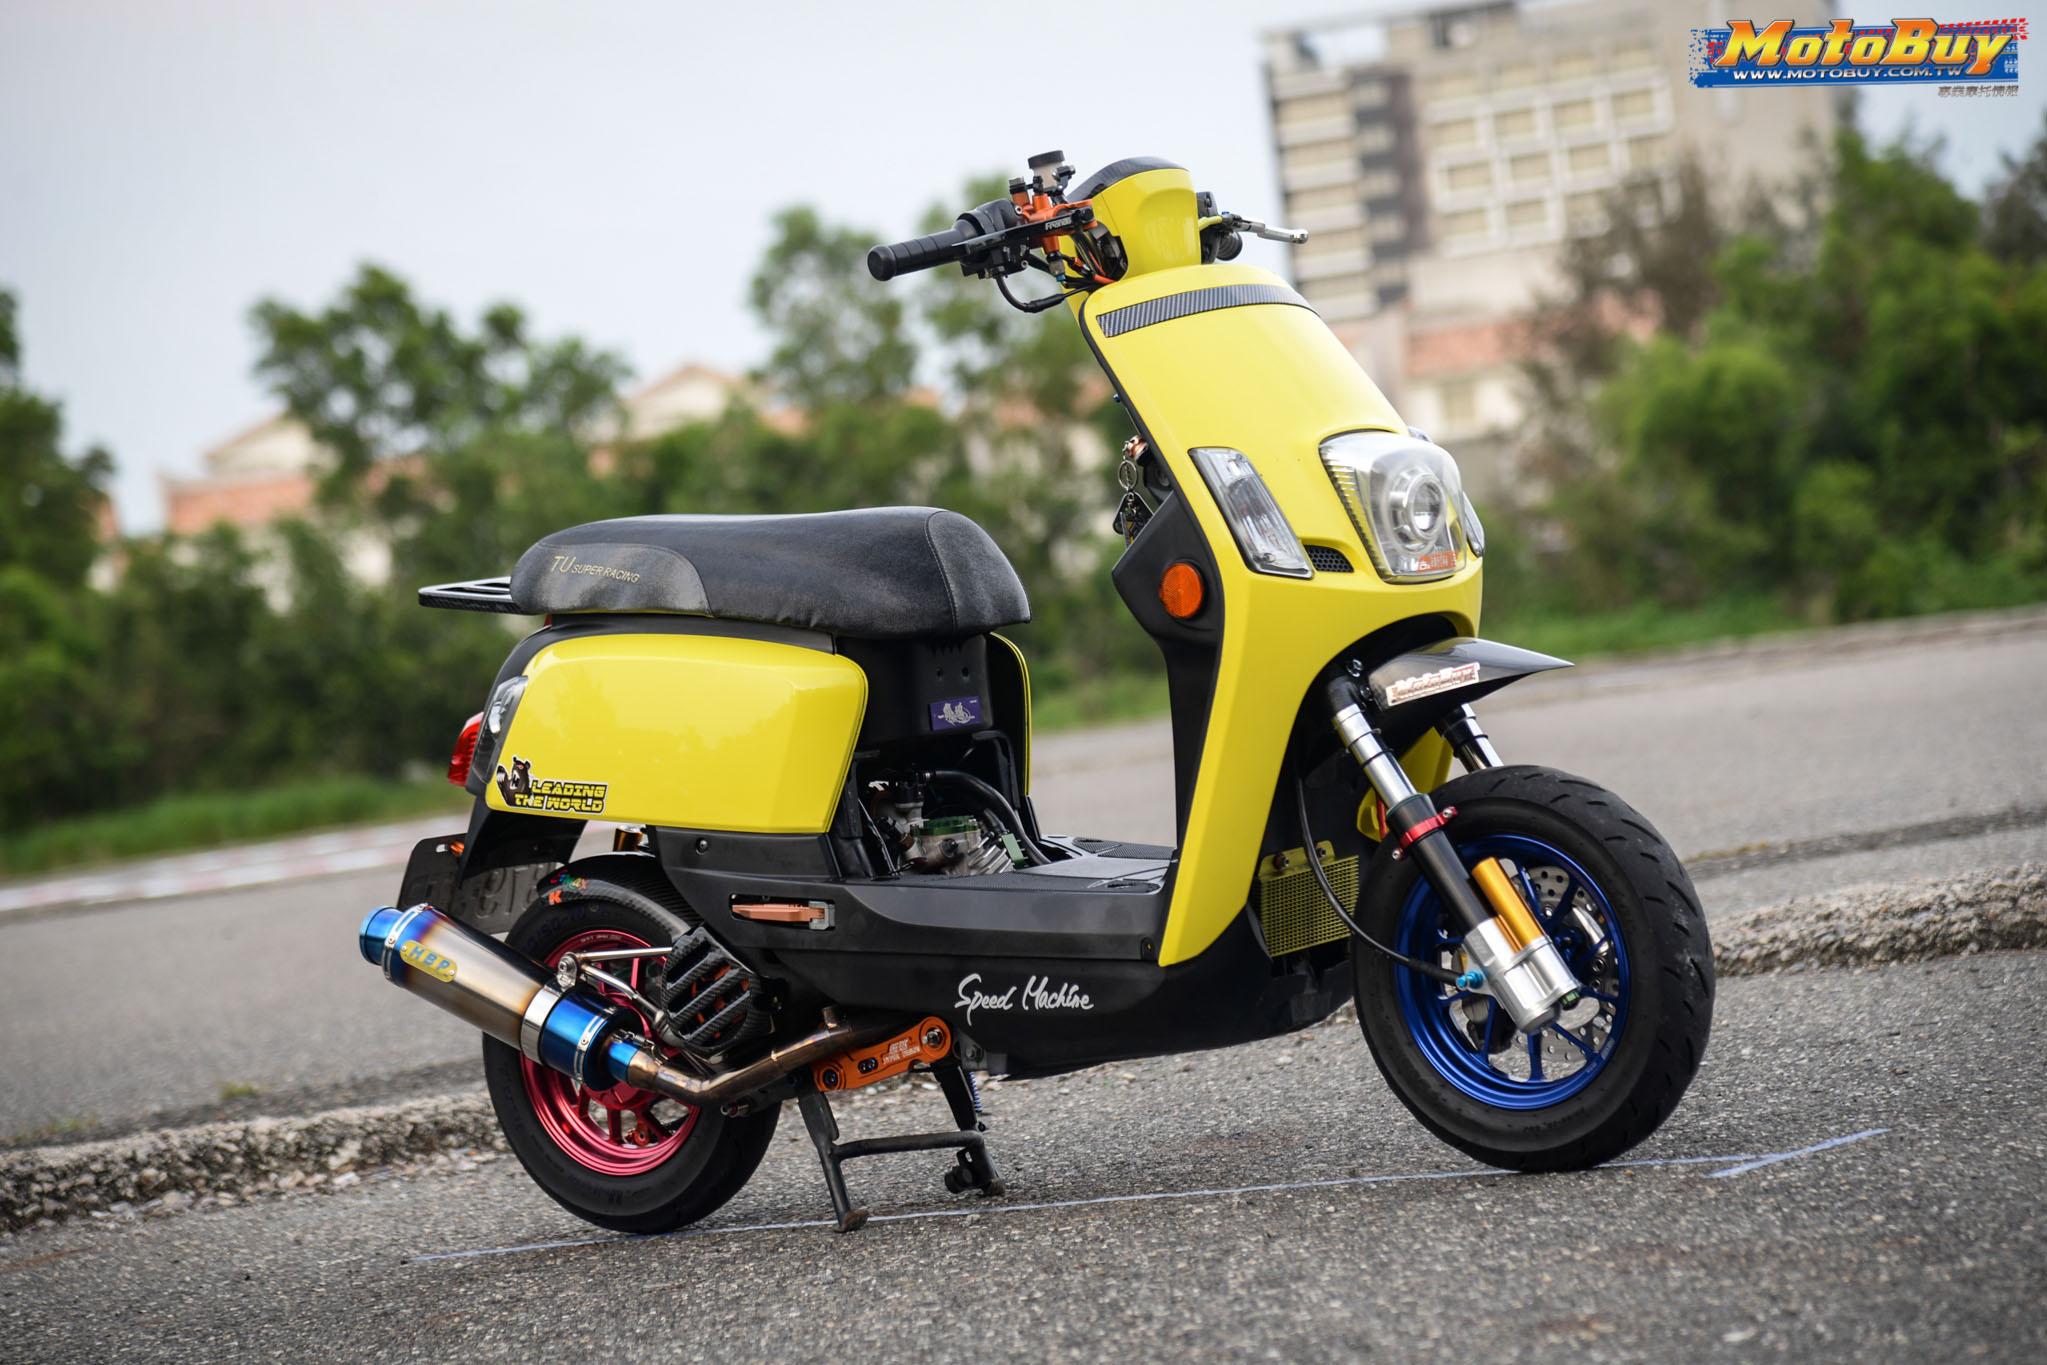 [夯車分享] 黃色玉玲瓏 - YAMAHA CUXI 100   MotoBuy